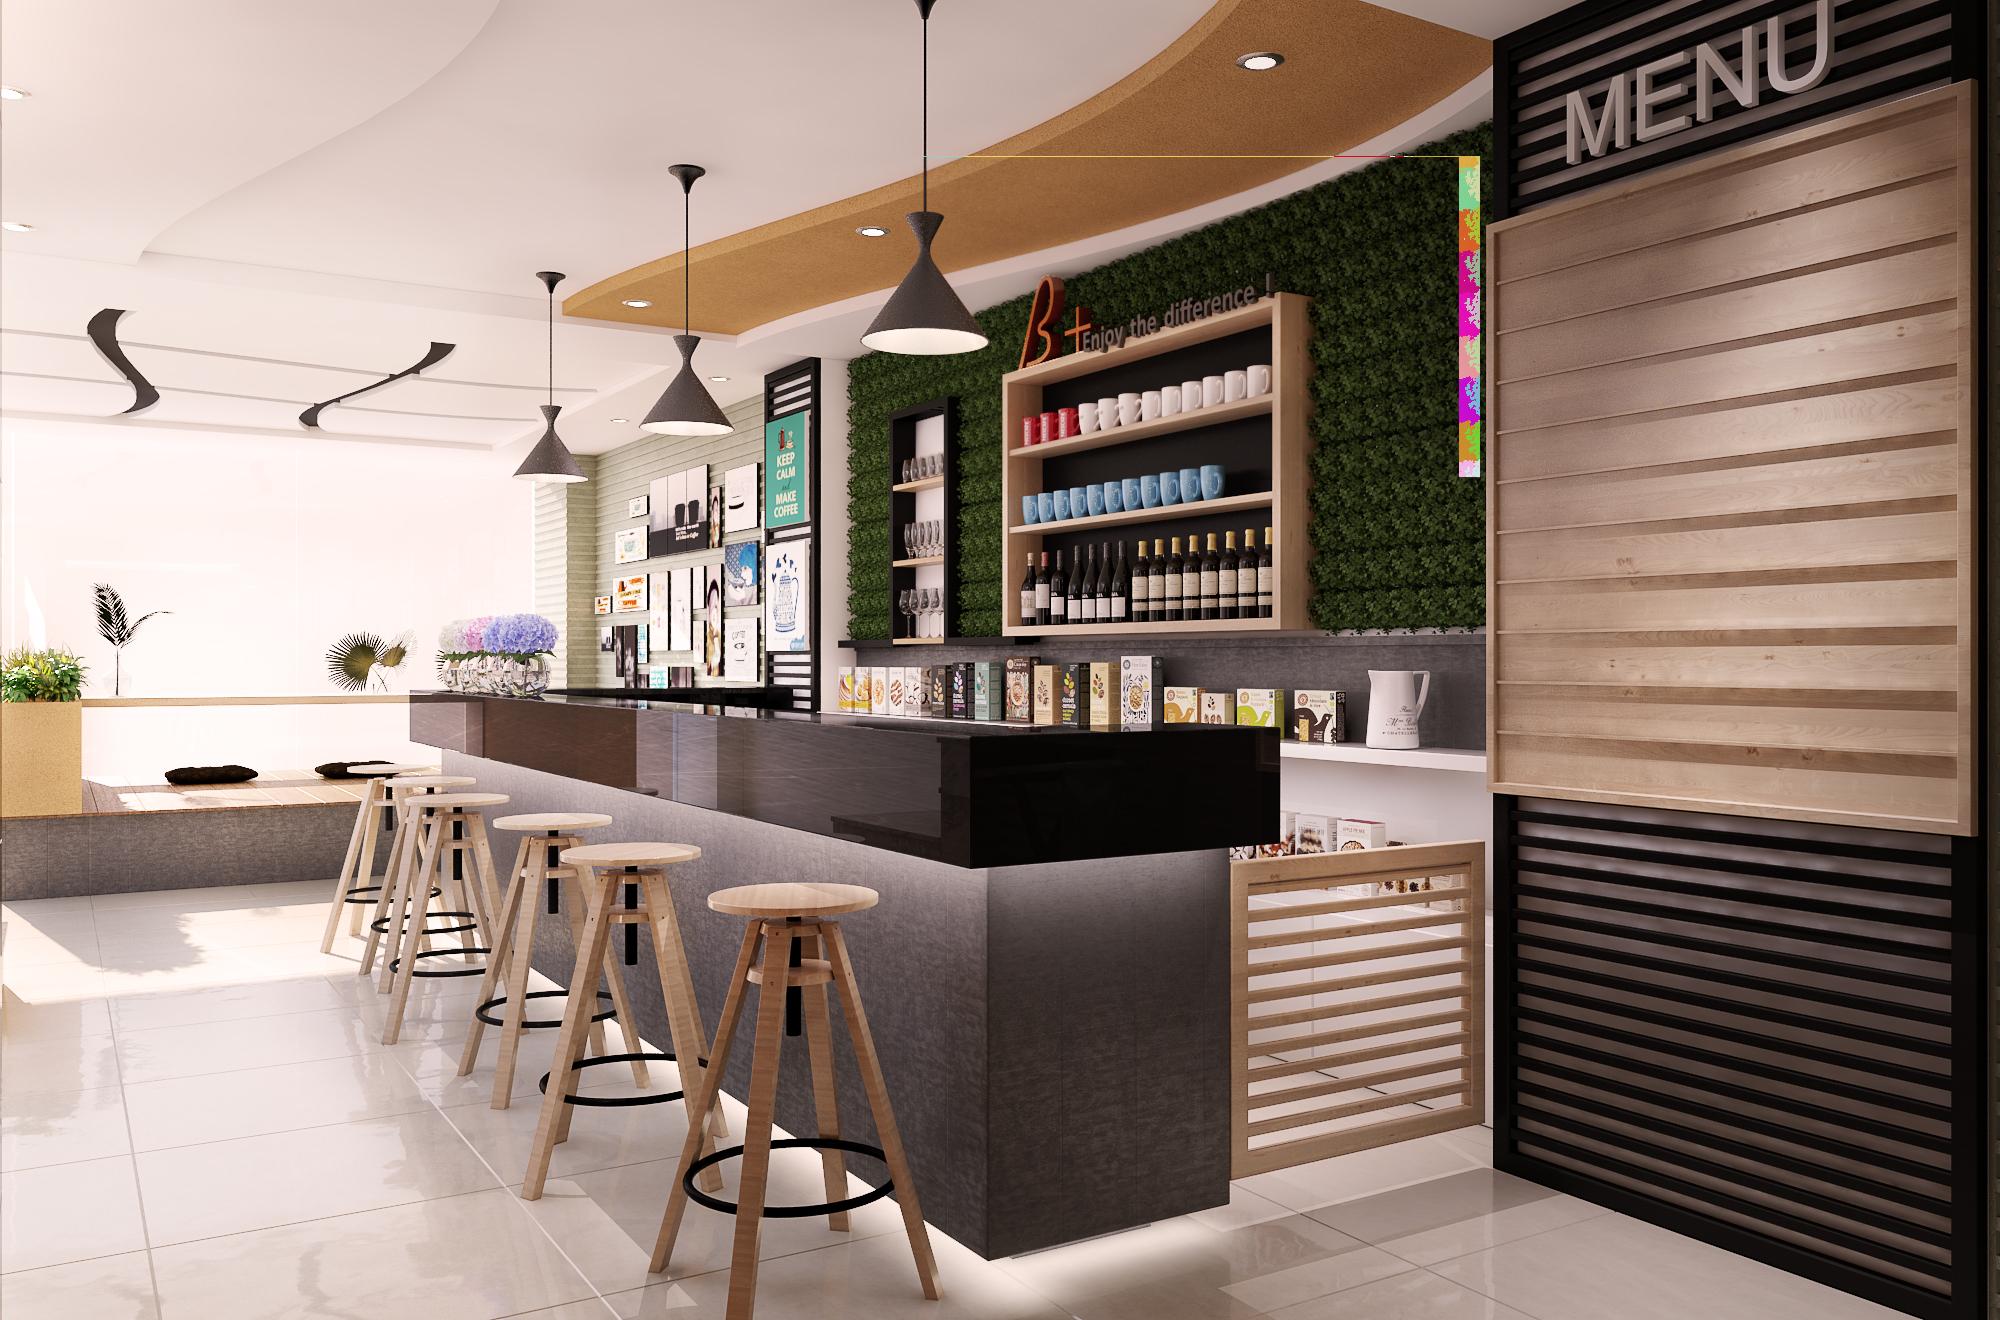 Kinh nghiệm thiết kế quầy bar cafe vừa đẹp vừa chất chủ quán cần tham khảo.